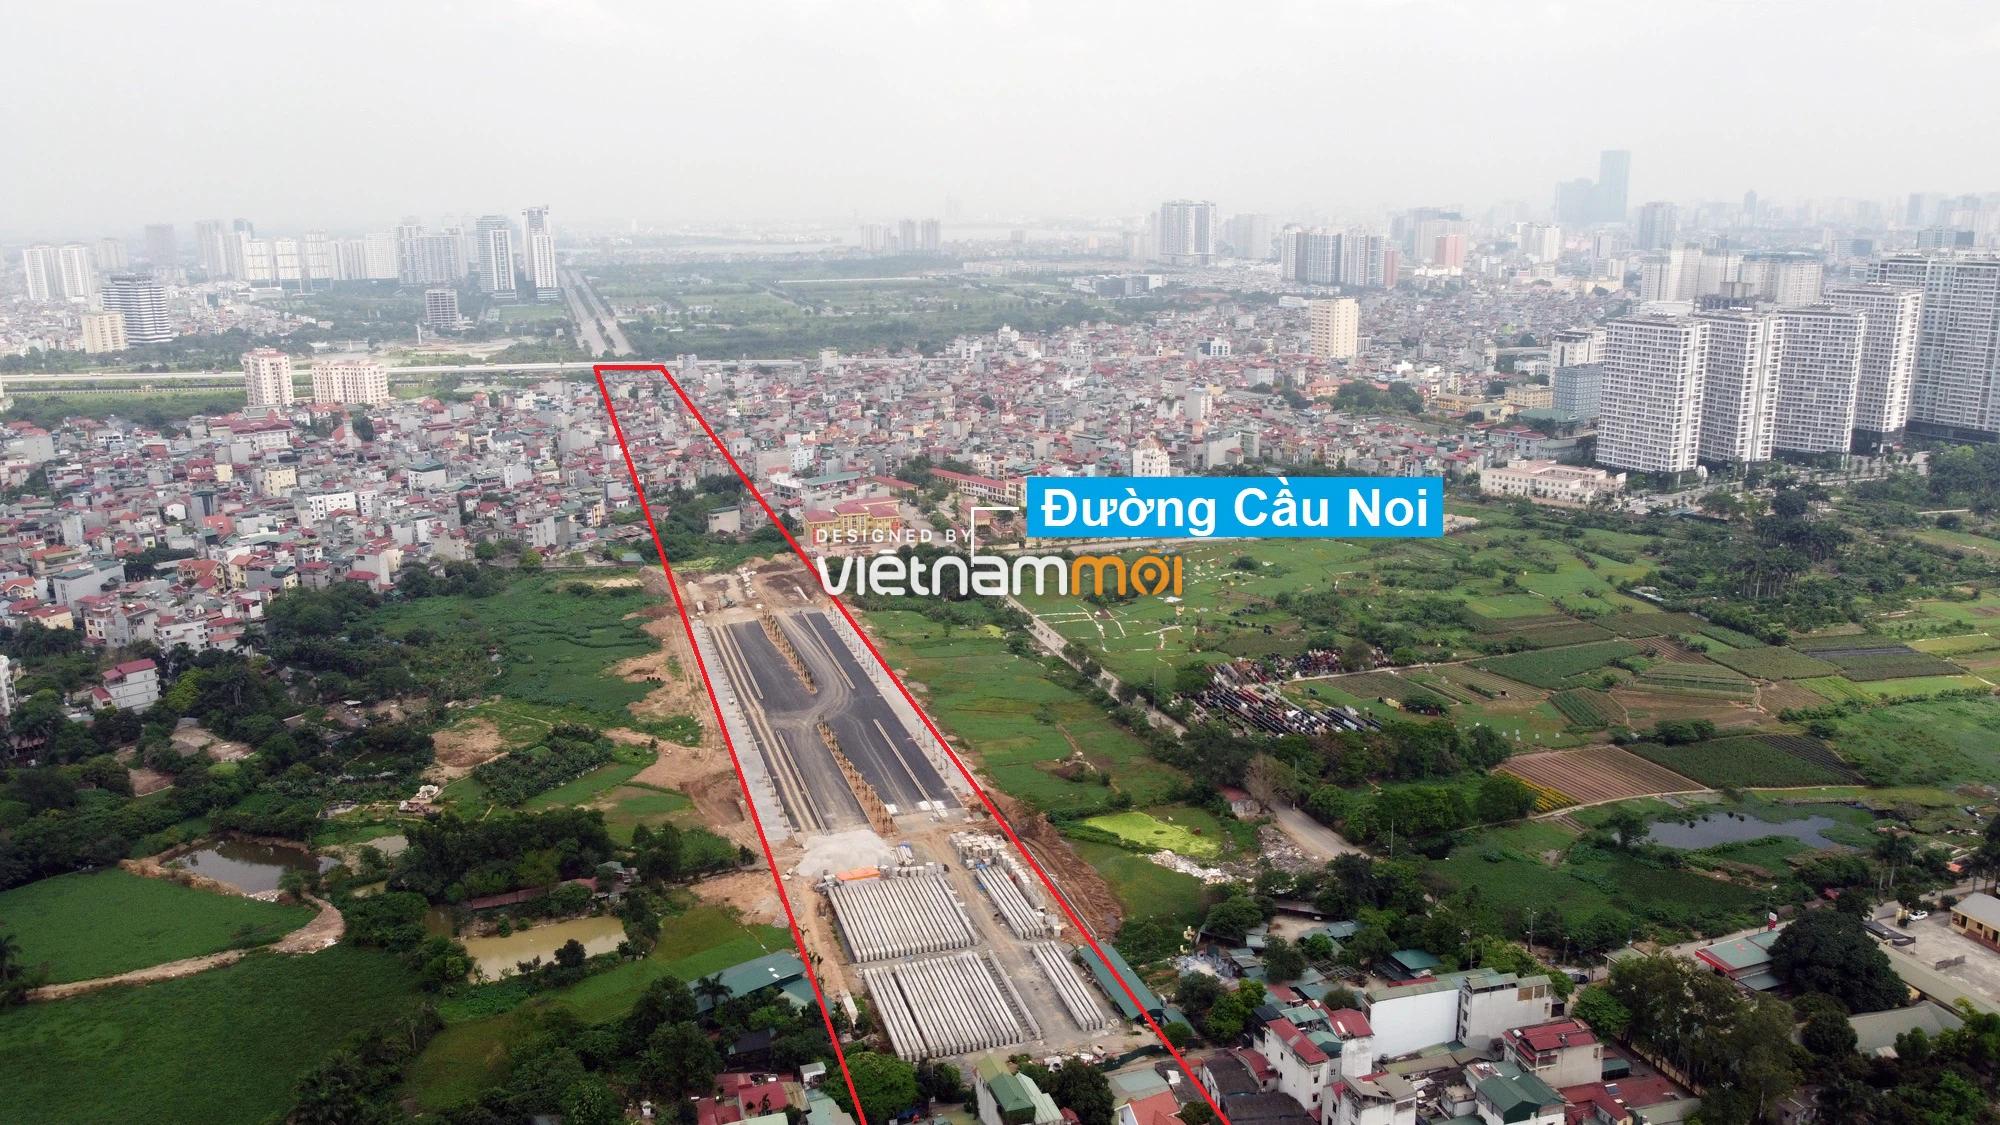 Những khu đất sắp thu hồi để mở đường ở quận Bắc Từ Liêm, Hà Nội (phần 2) - Ảnh 8.